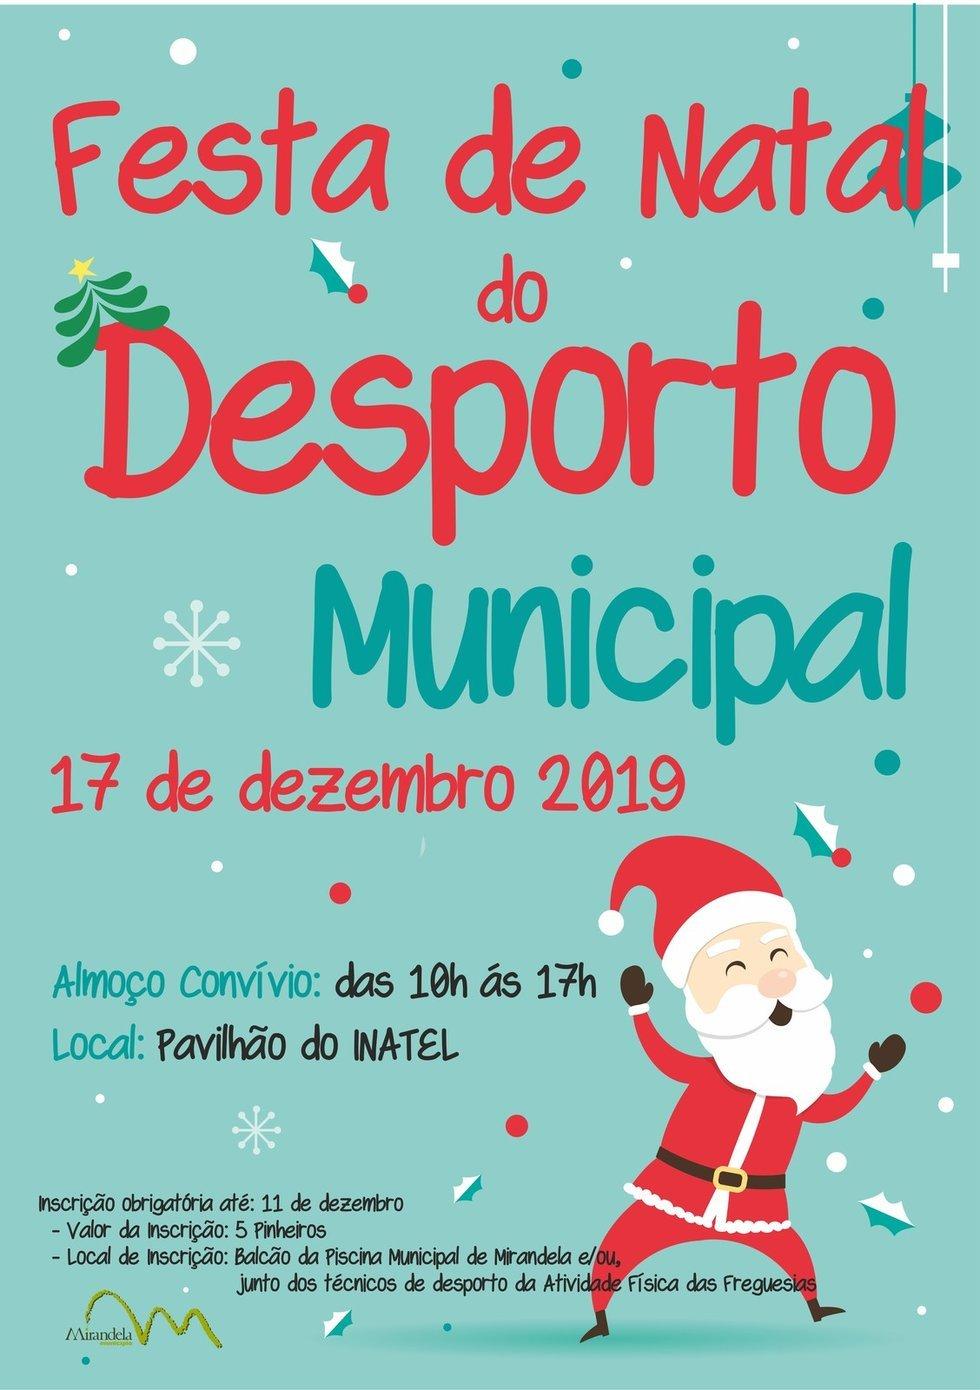 Festa de Matal do Desporto Municipal